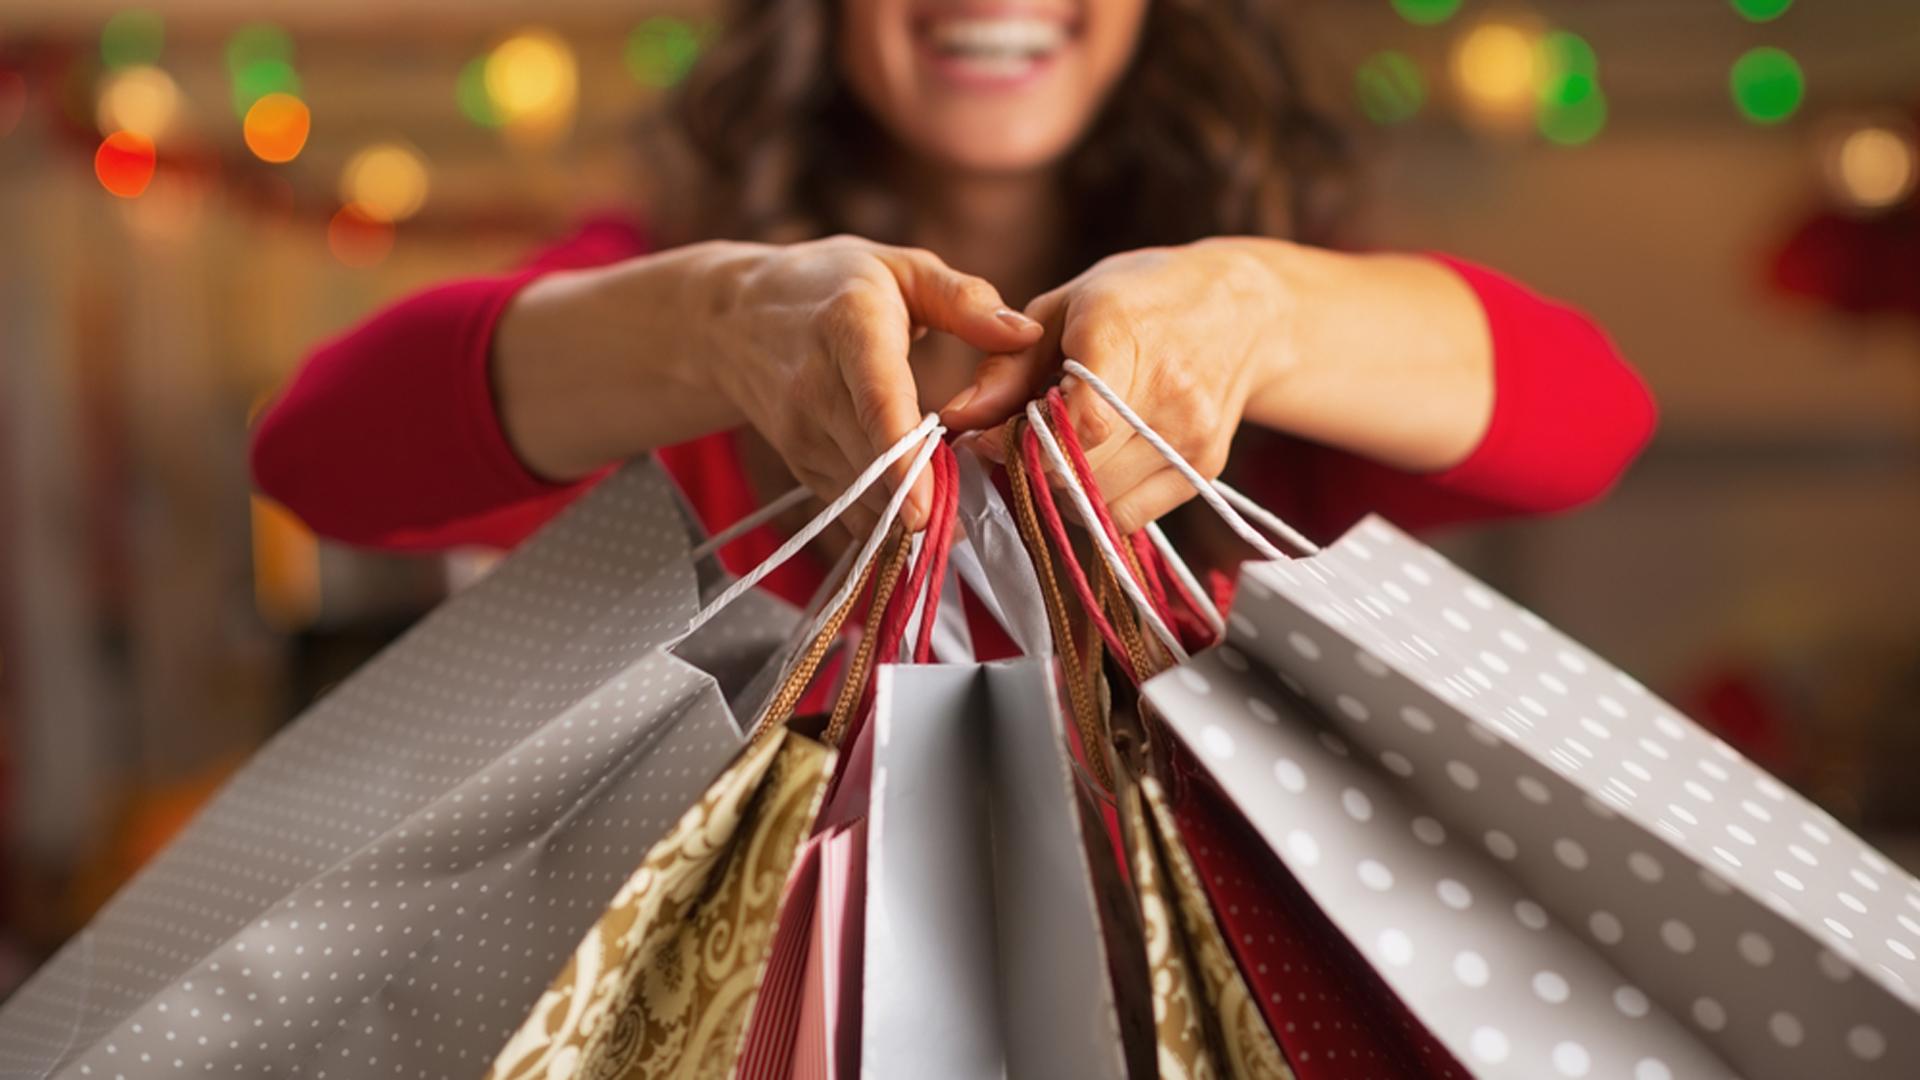 """Adicción a las compras crece en Navidad - Centro comercial """"Mega Polvos"""" llegará a Los Olivos con inversión de US$85 millones"""